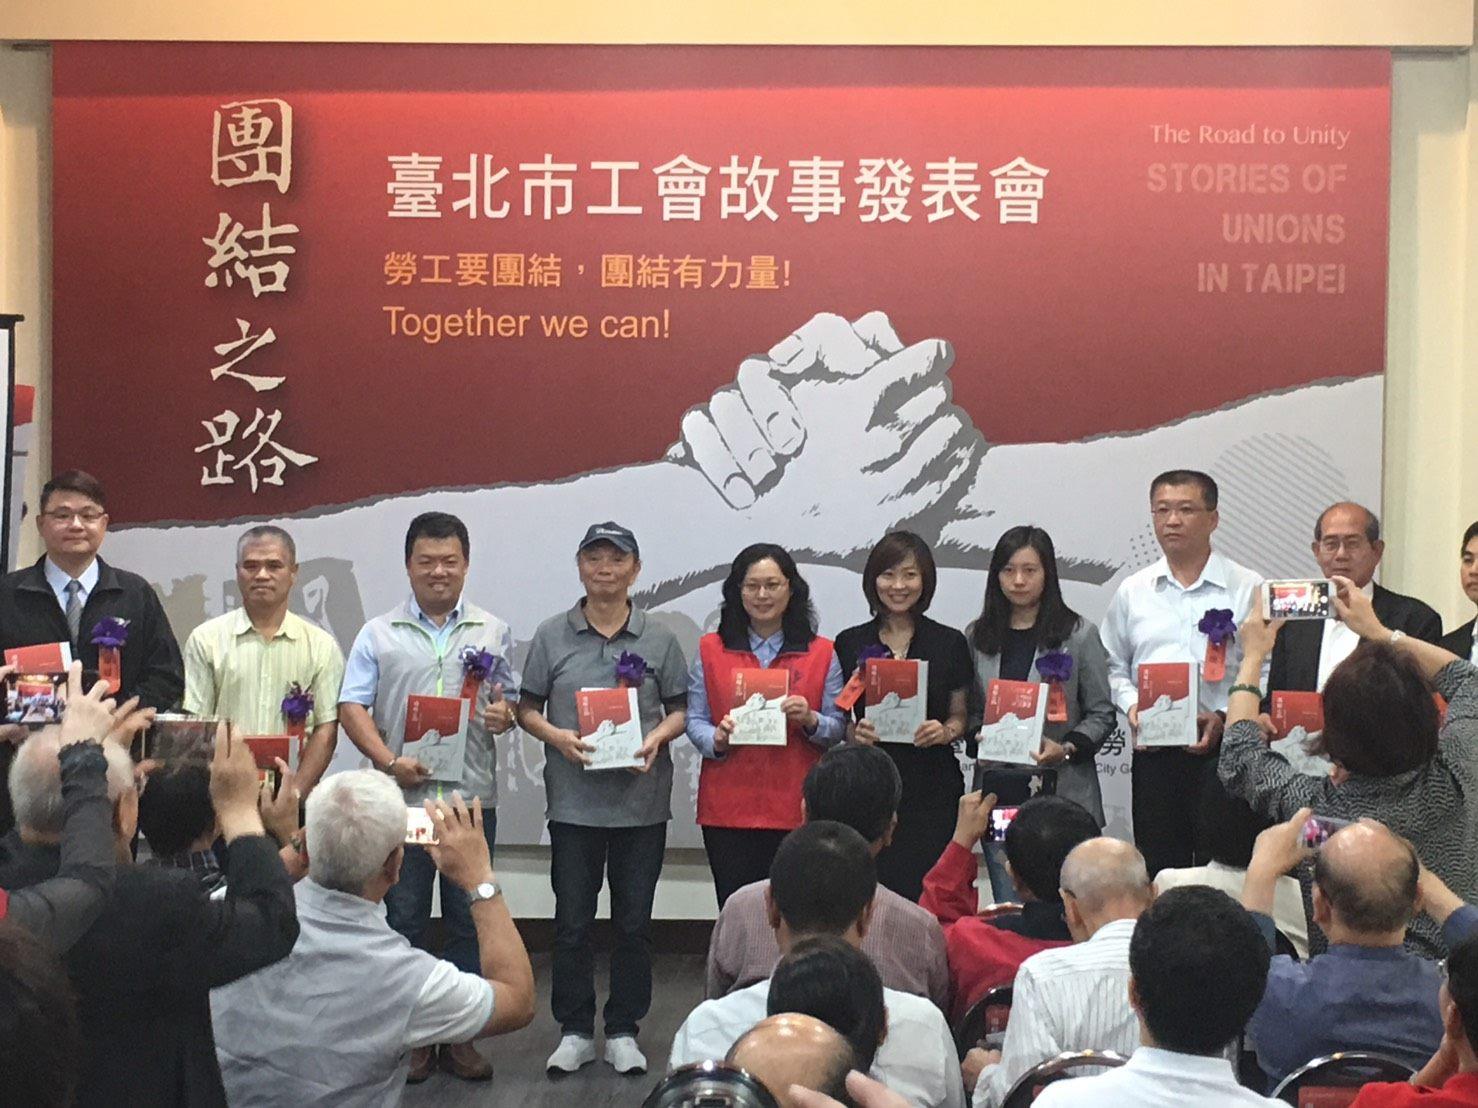 局長賴香伶與9家工會代表一同發表新書